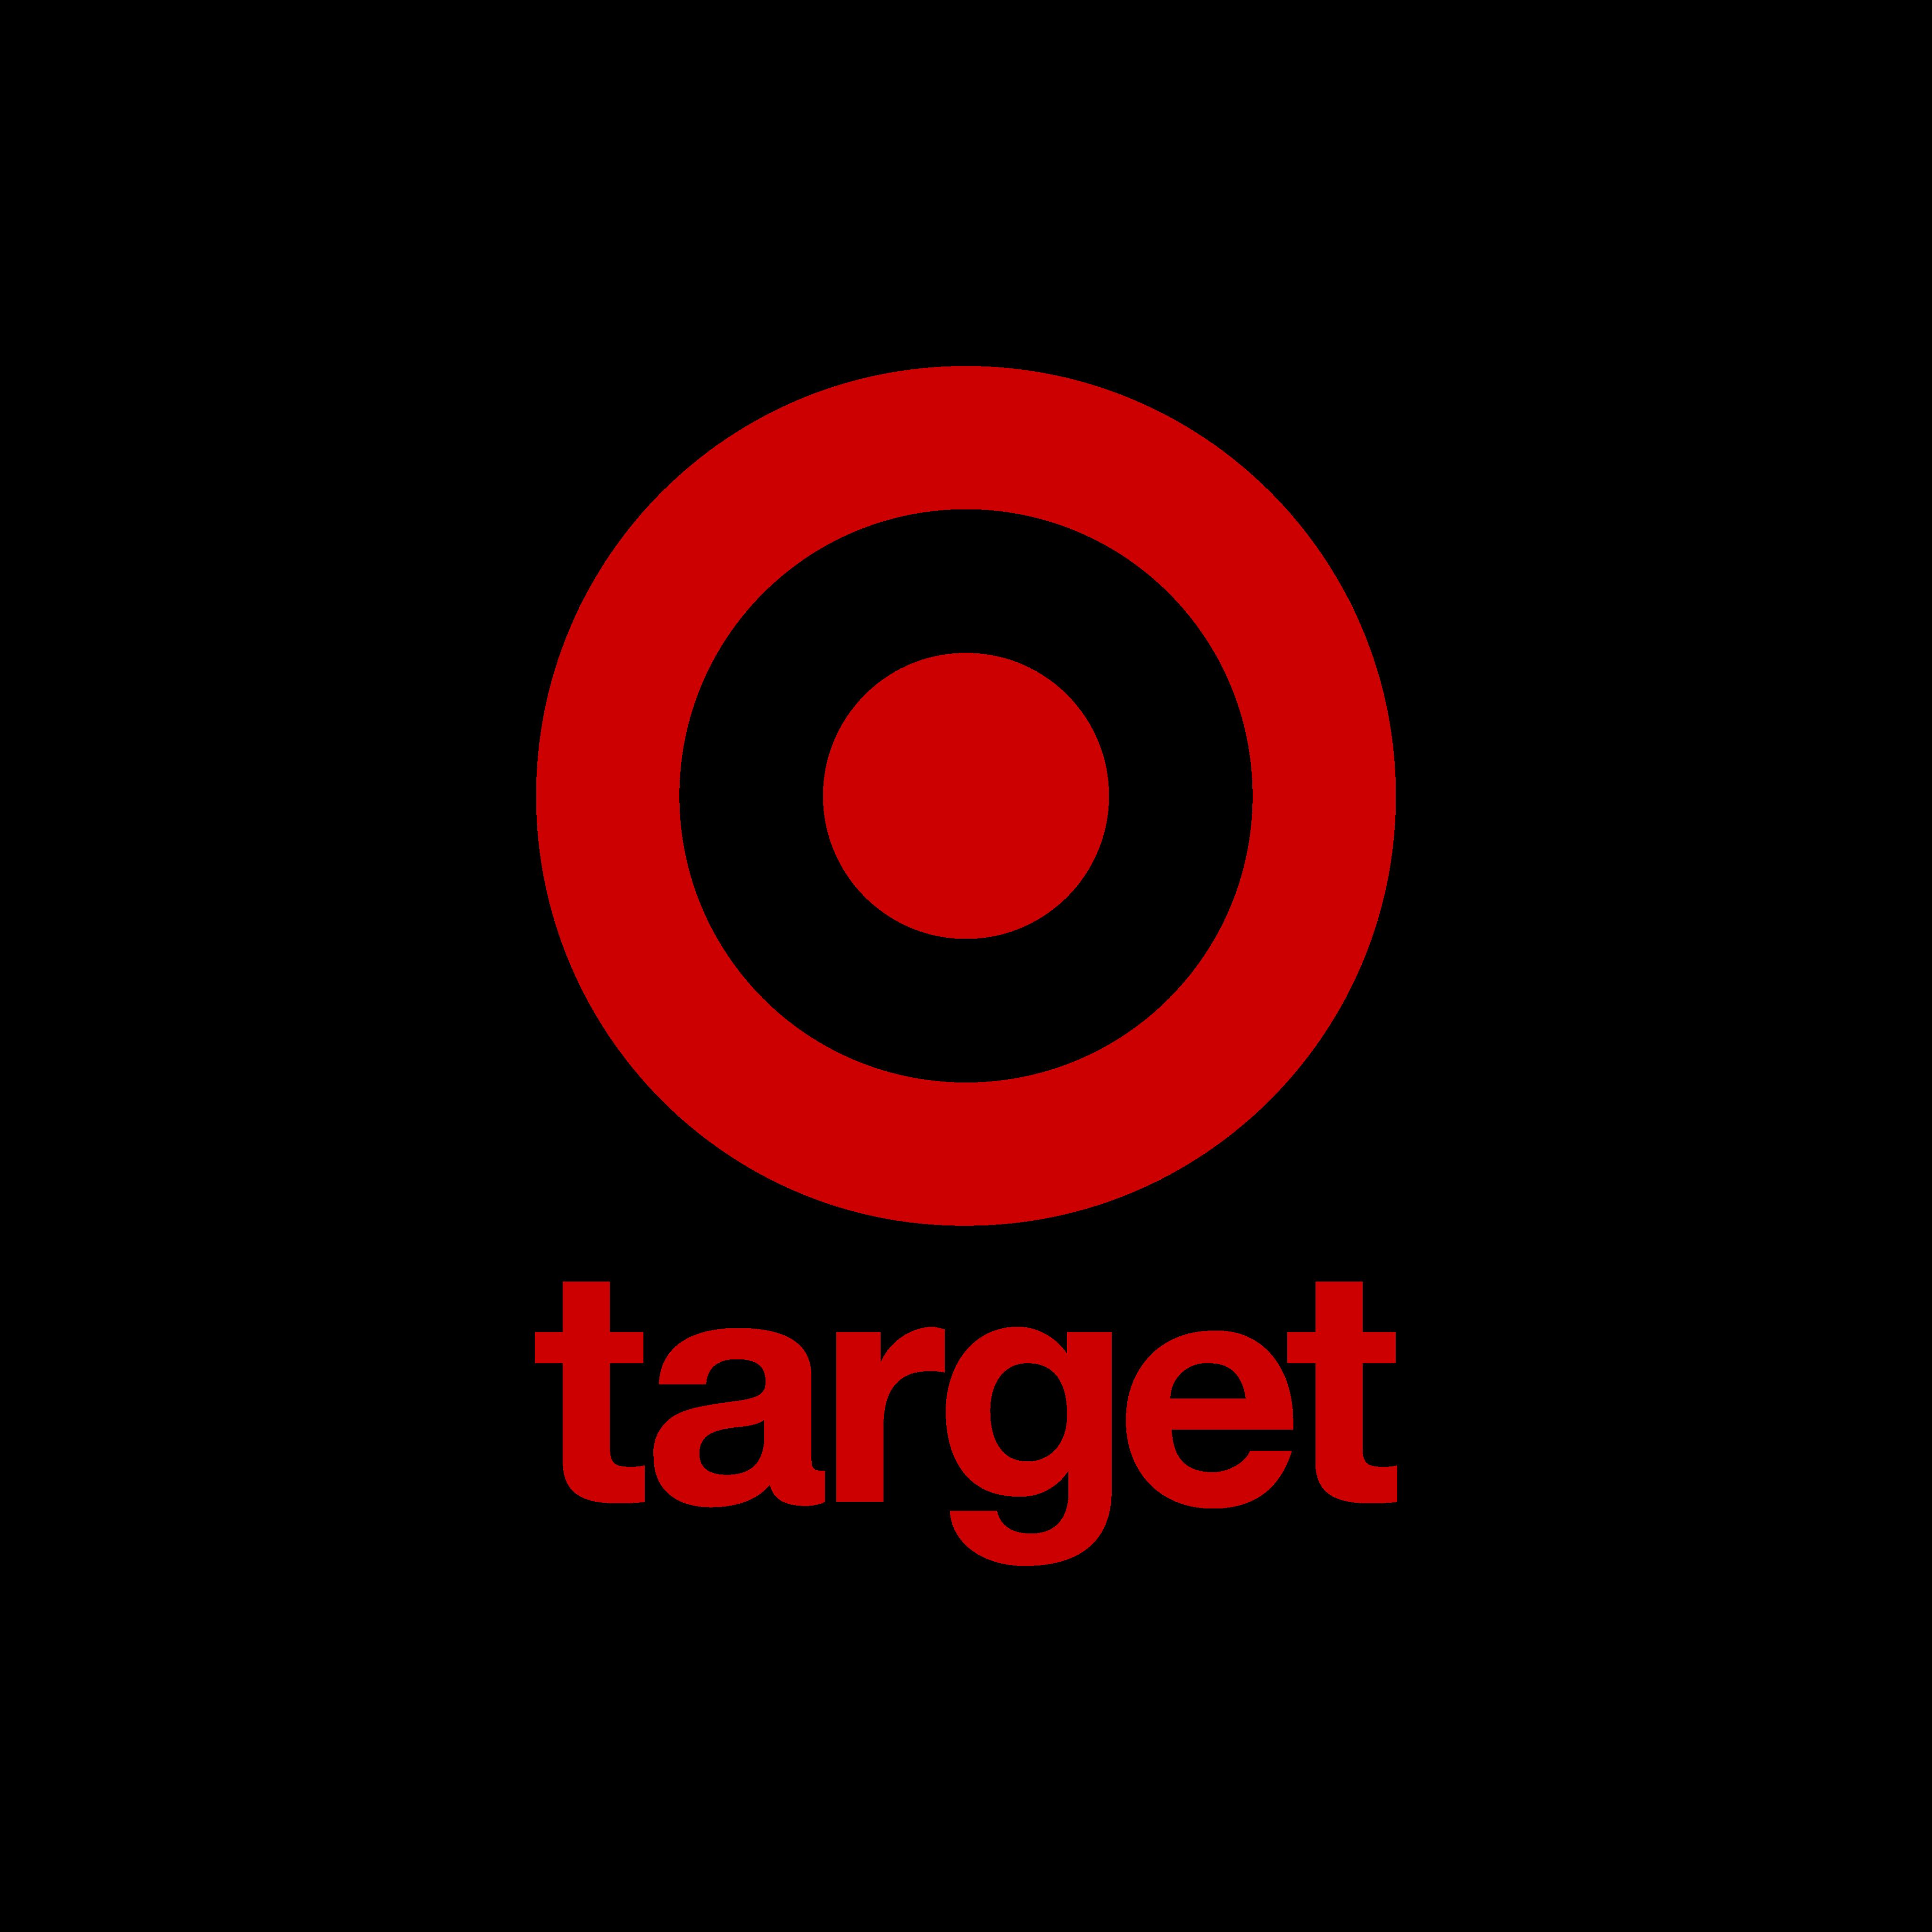 target logo 0 - Target Logo